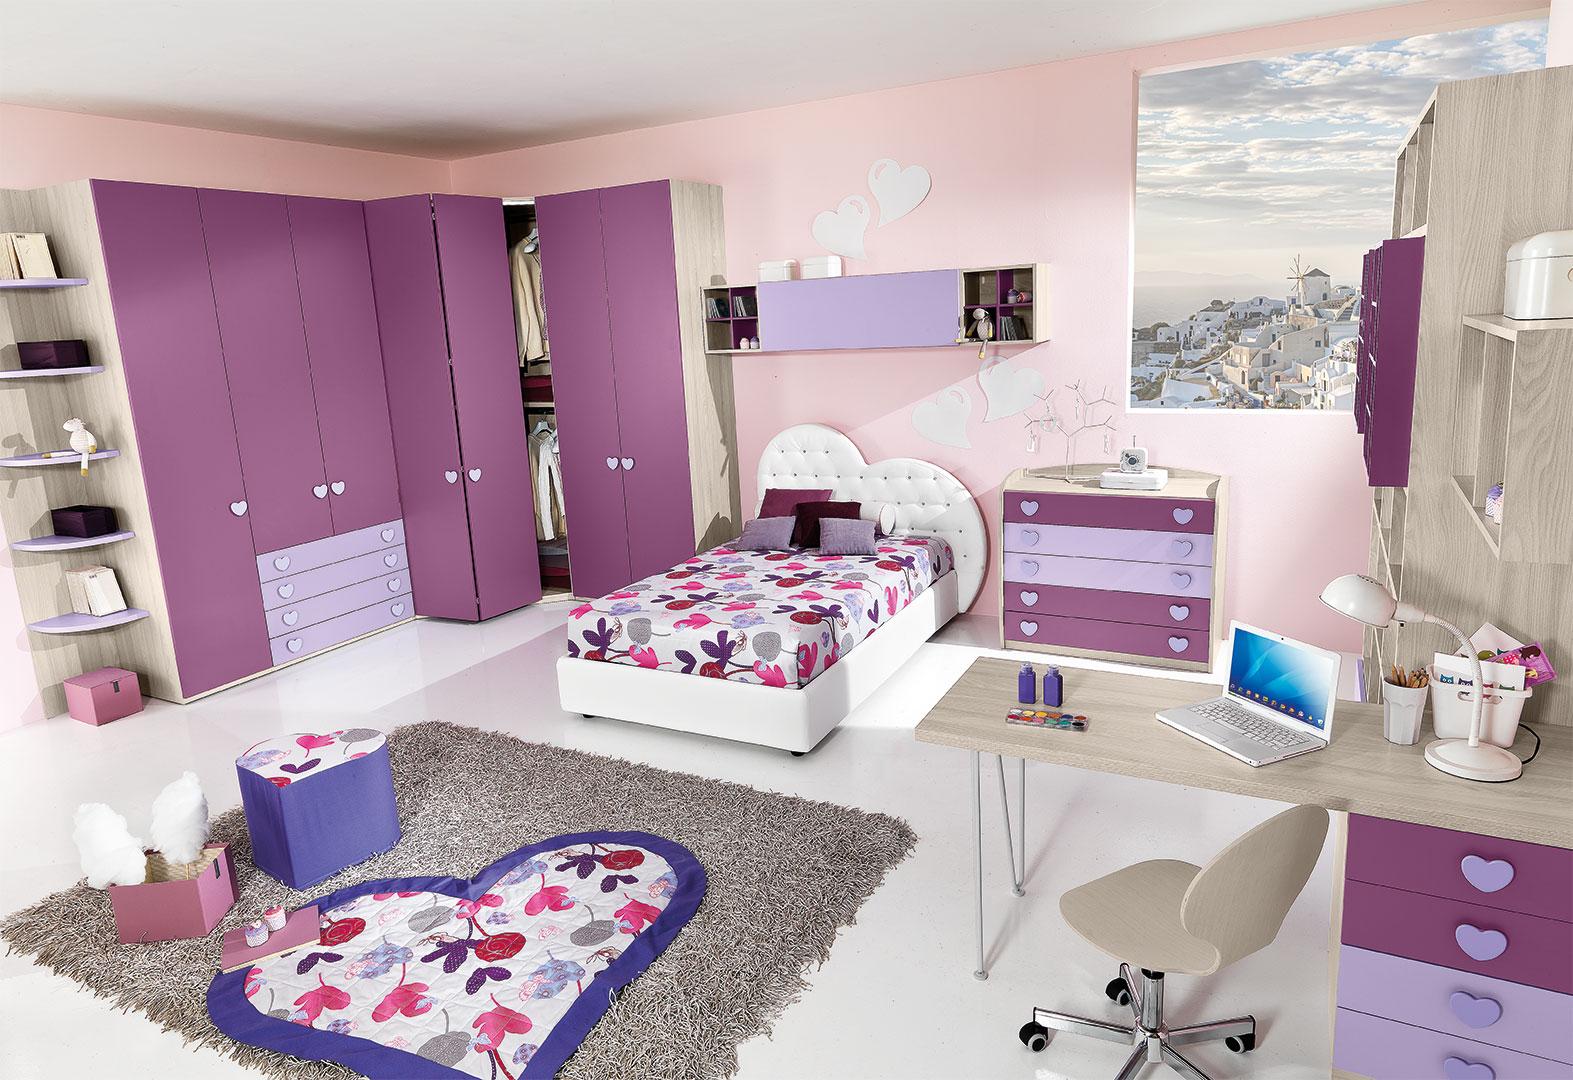 بالصور صور غرف اطفال , صور جميلة لغرف الاطفال 3837 11